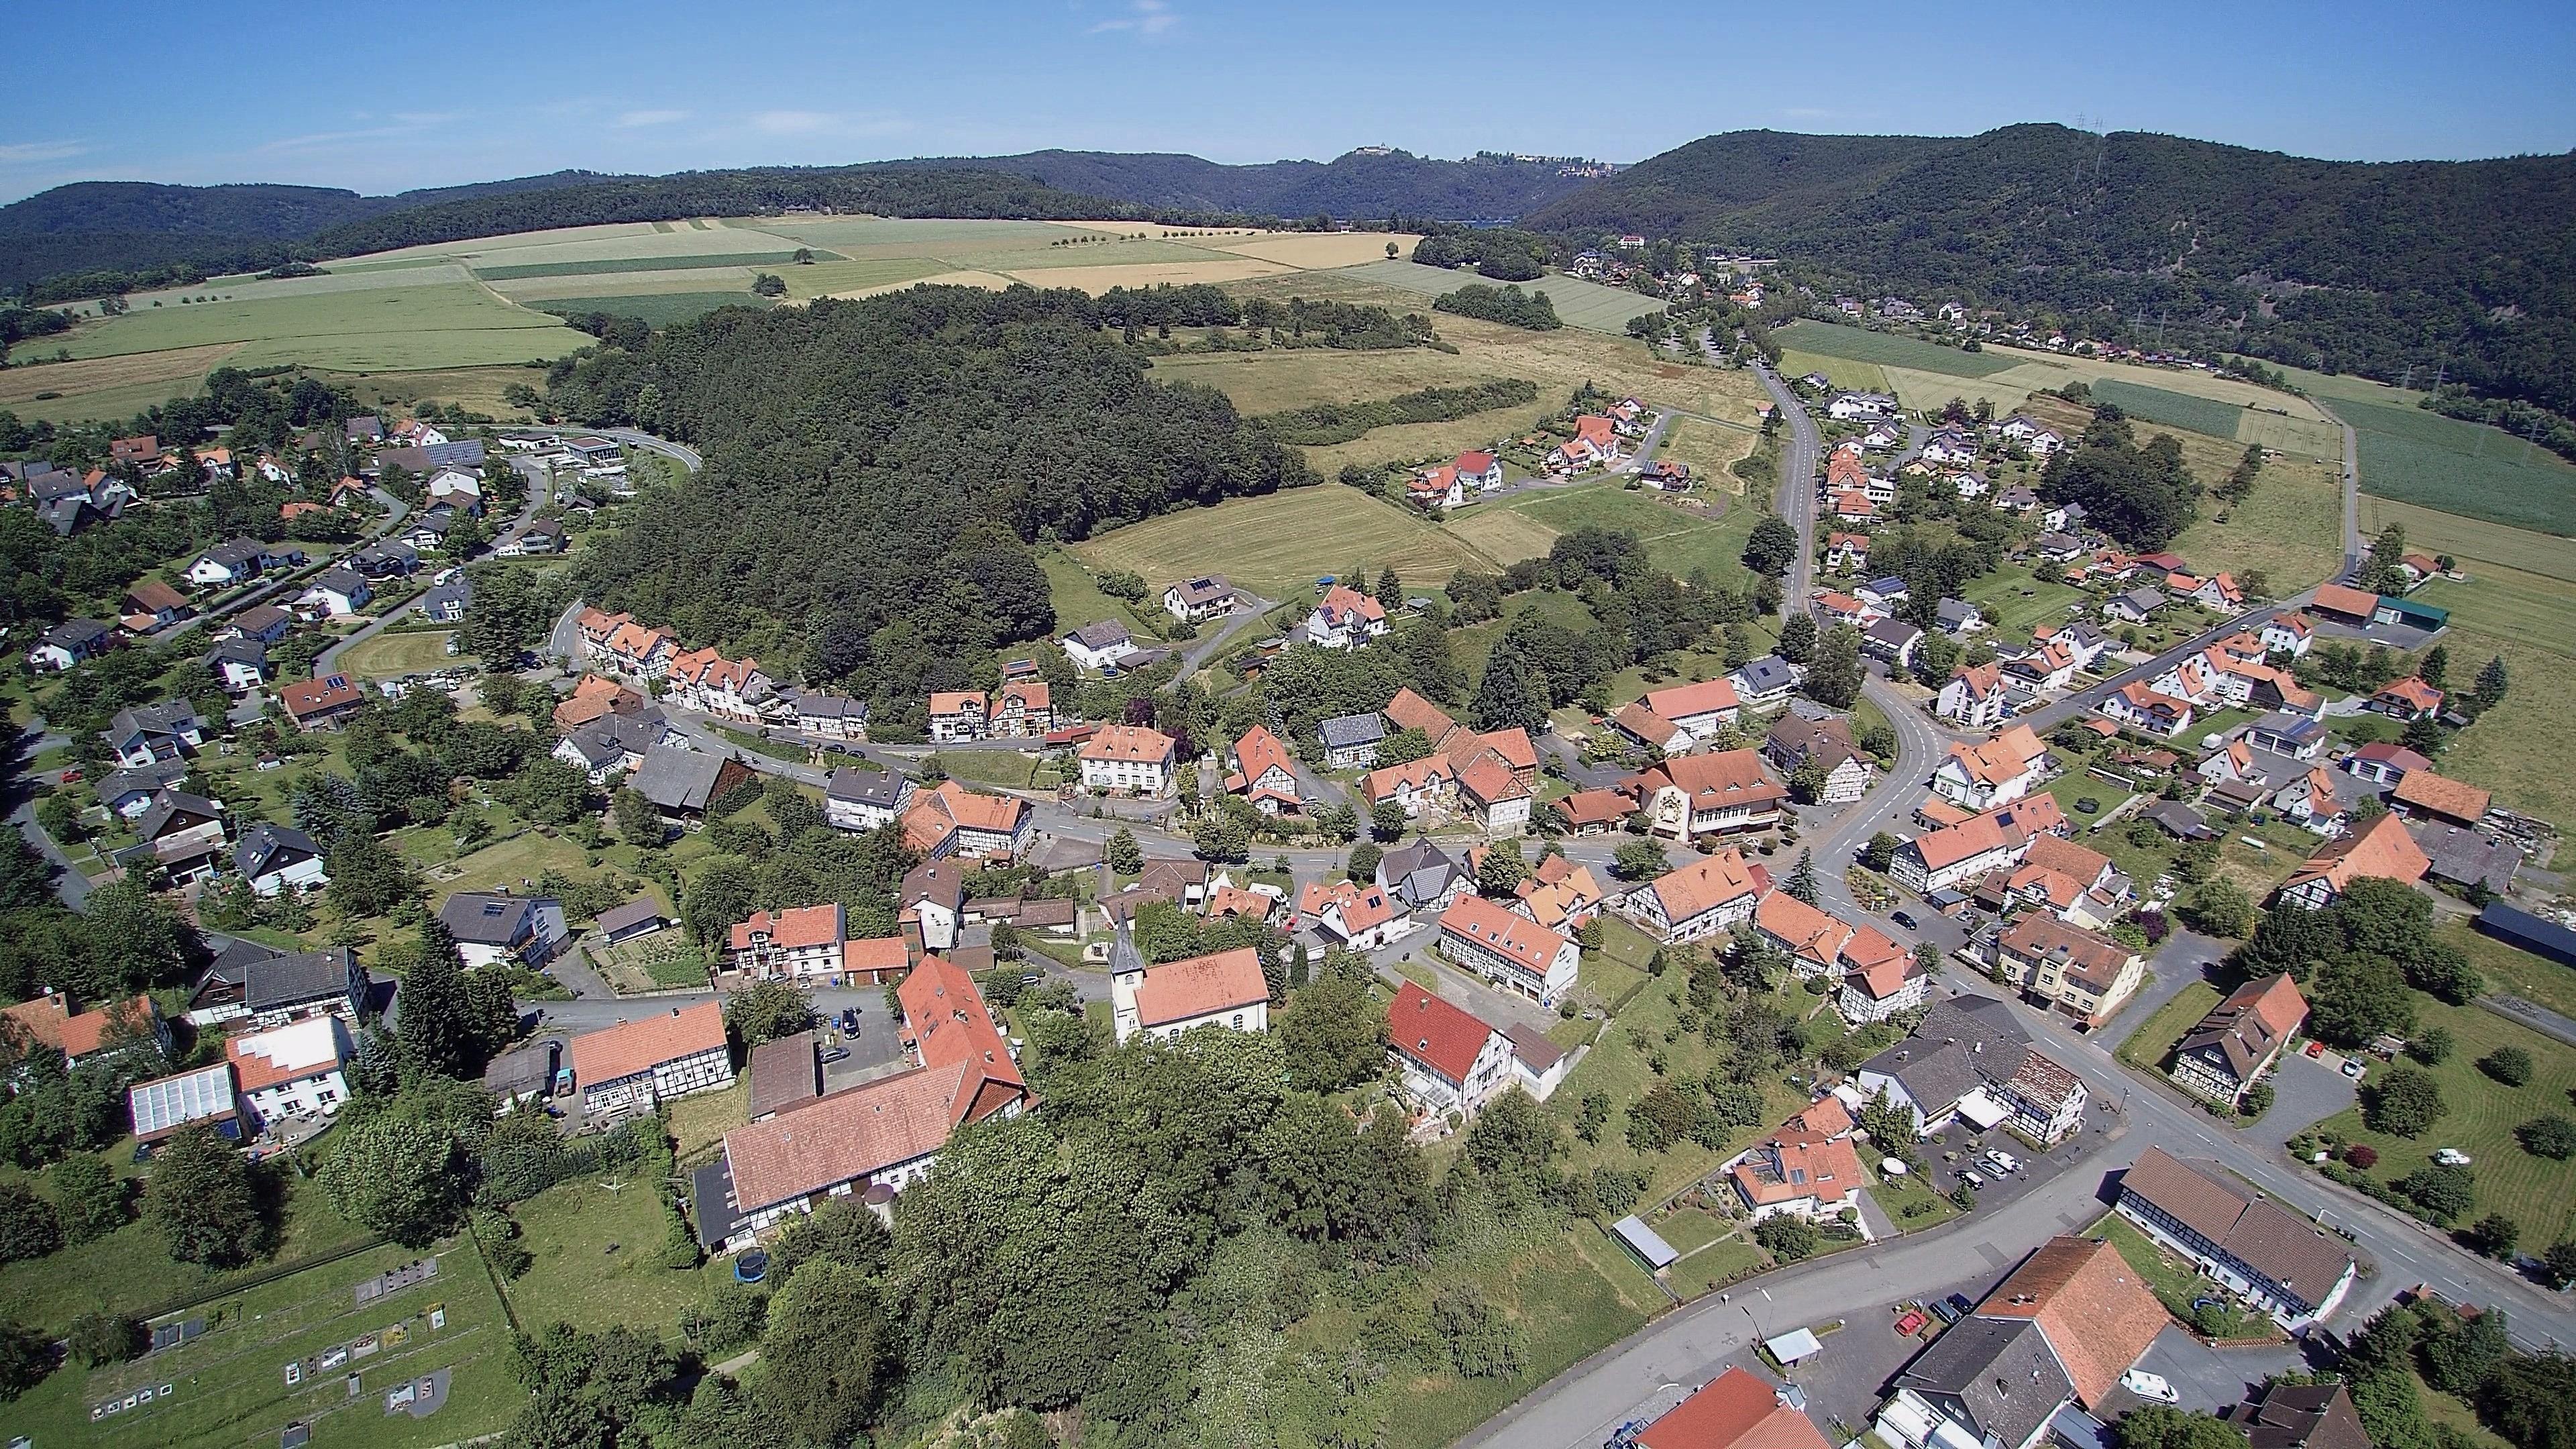 Hemfurth aus der Vogelperspektive. (Foto: 3H-Media-Works)